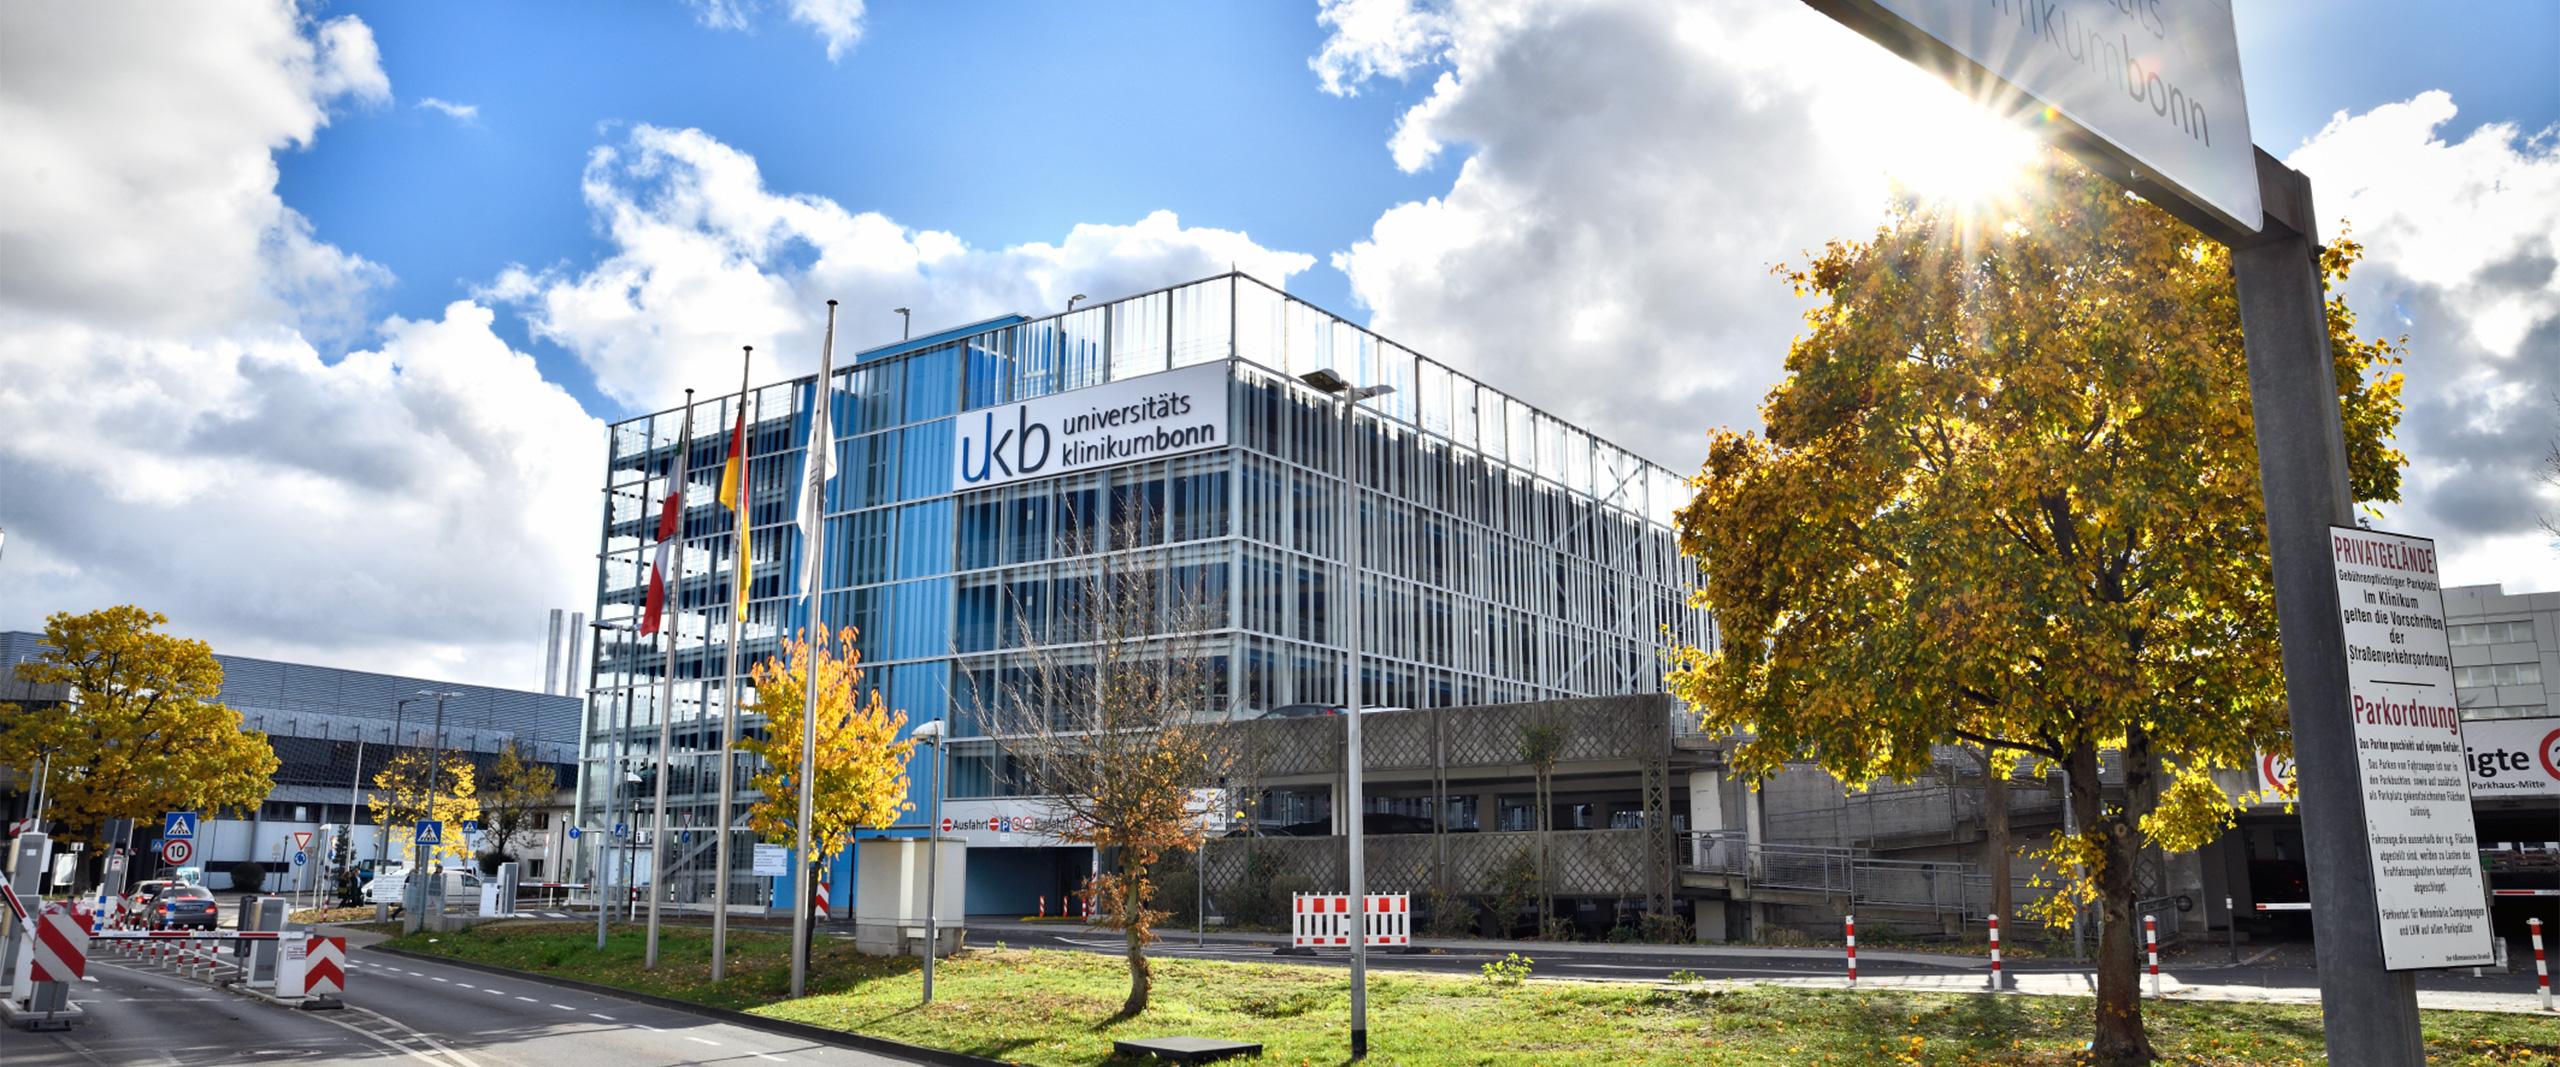 Universitätsklinikum Bonn (UKB) zum vierten Mal mit positivem Jahresabschluss